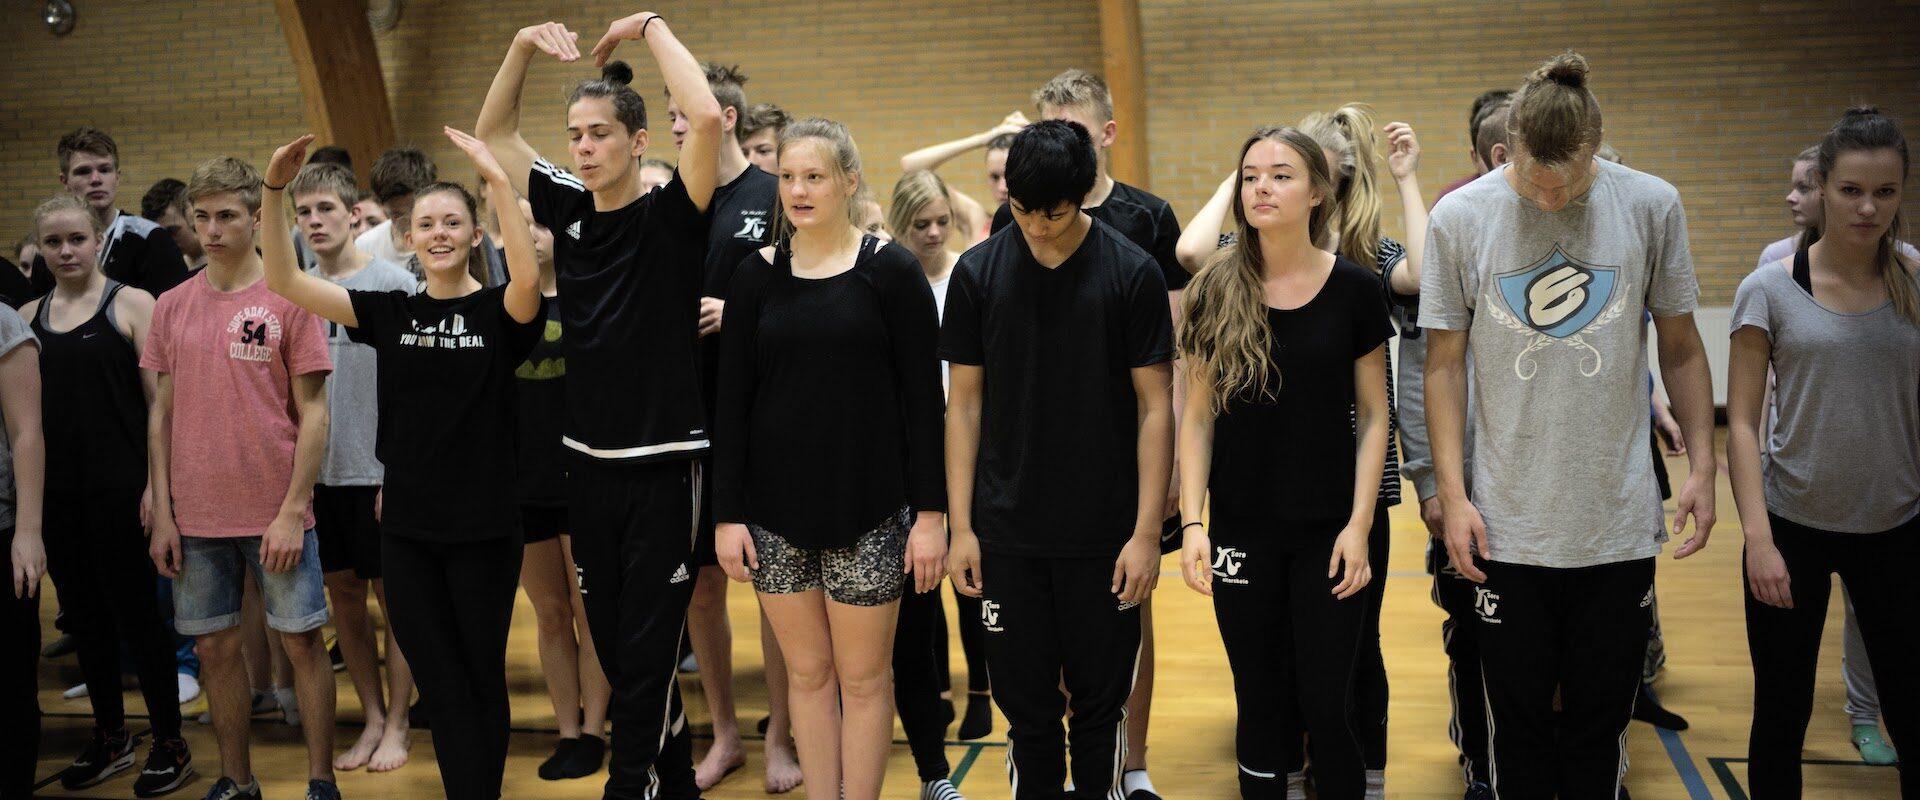 Om Sorø Gymnastikefterskole